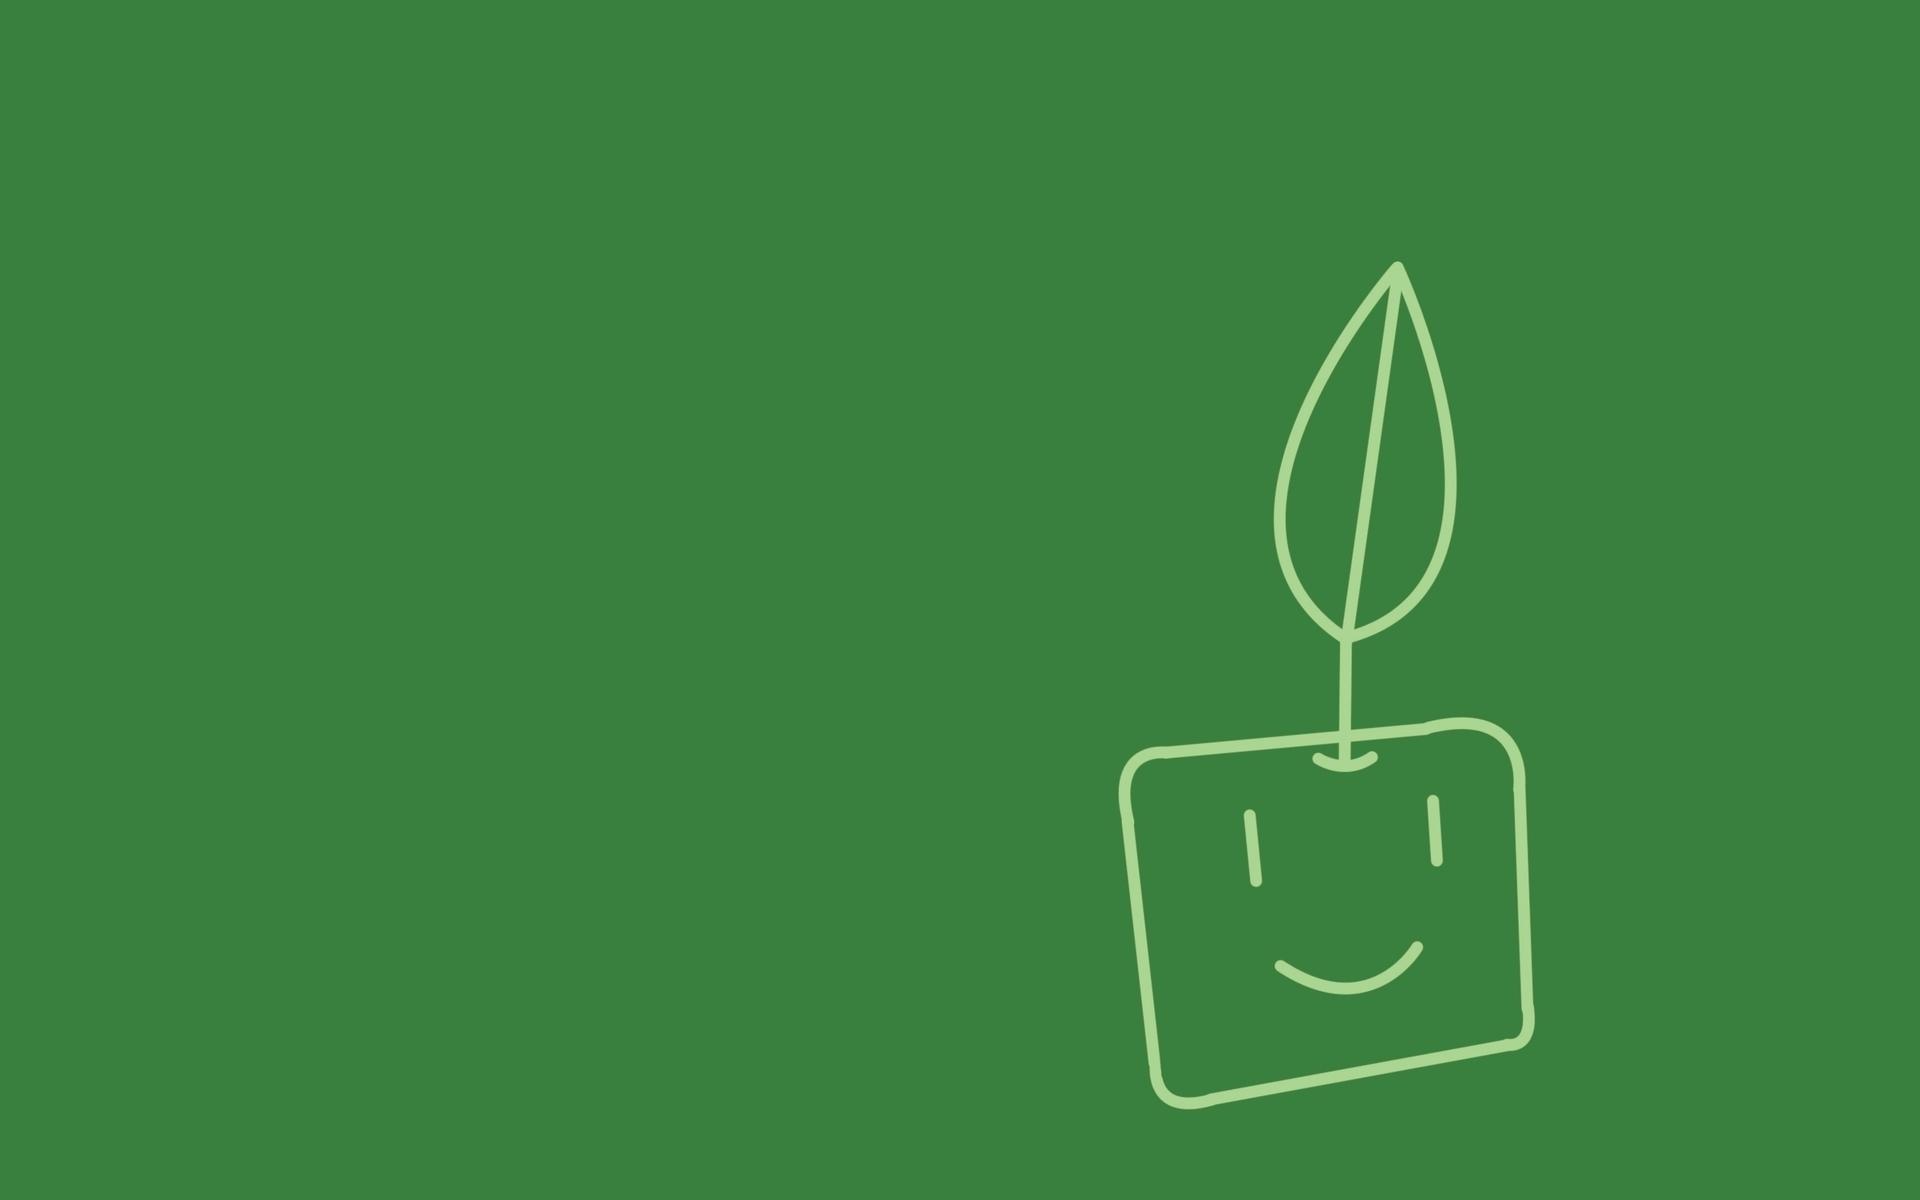 Minimalistic plants artwork (1920x1200)